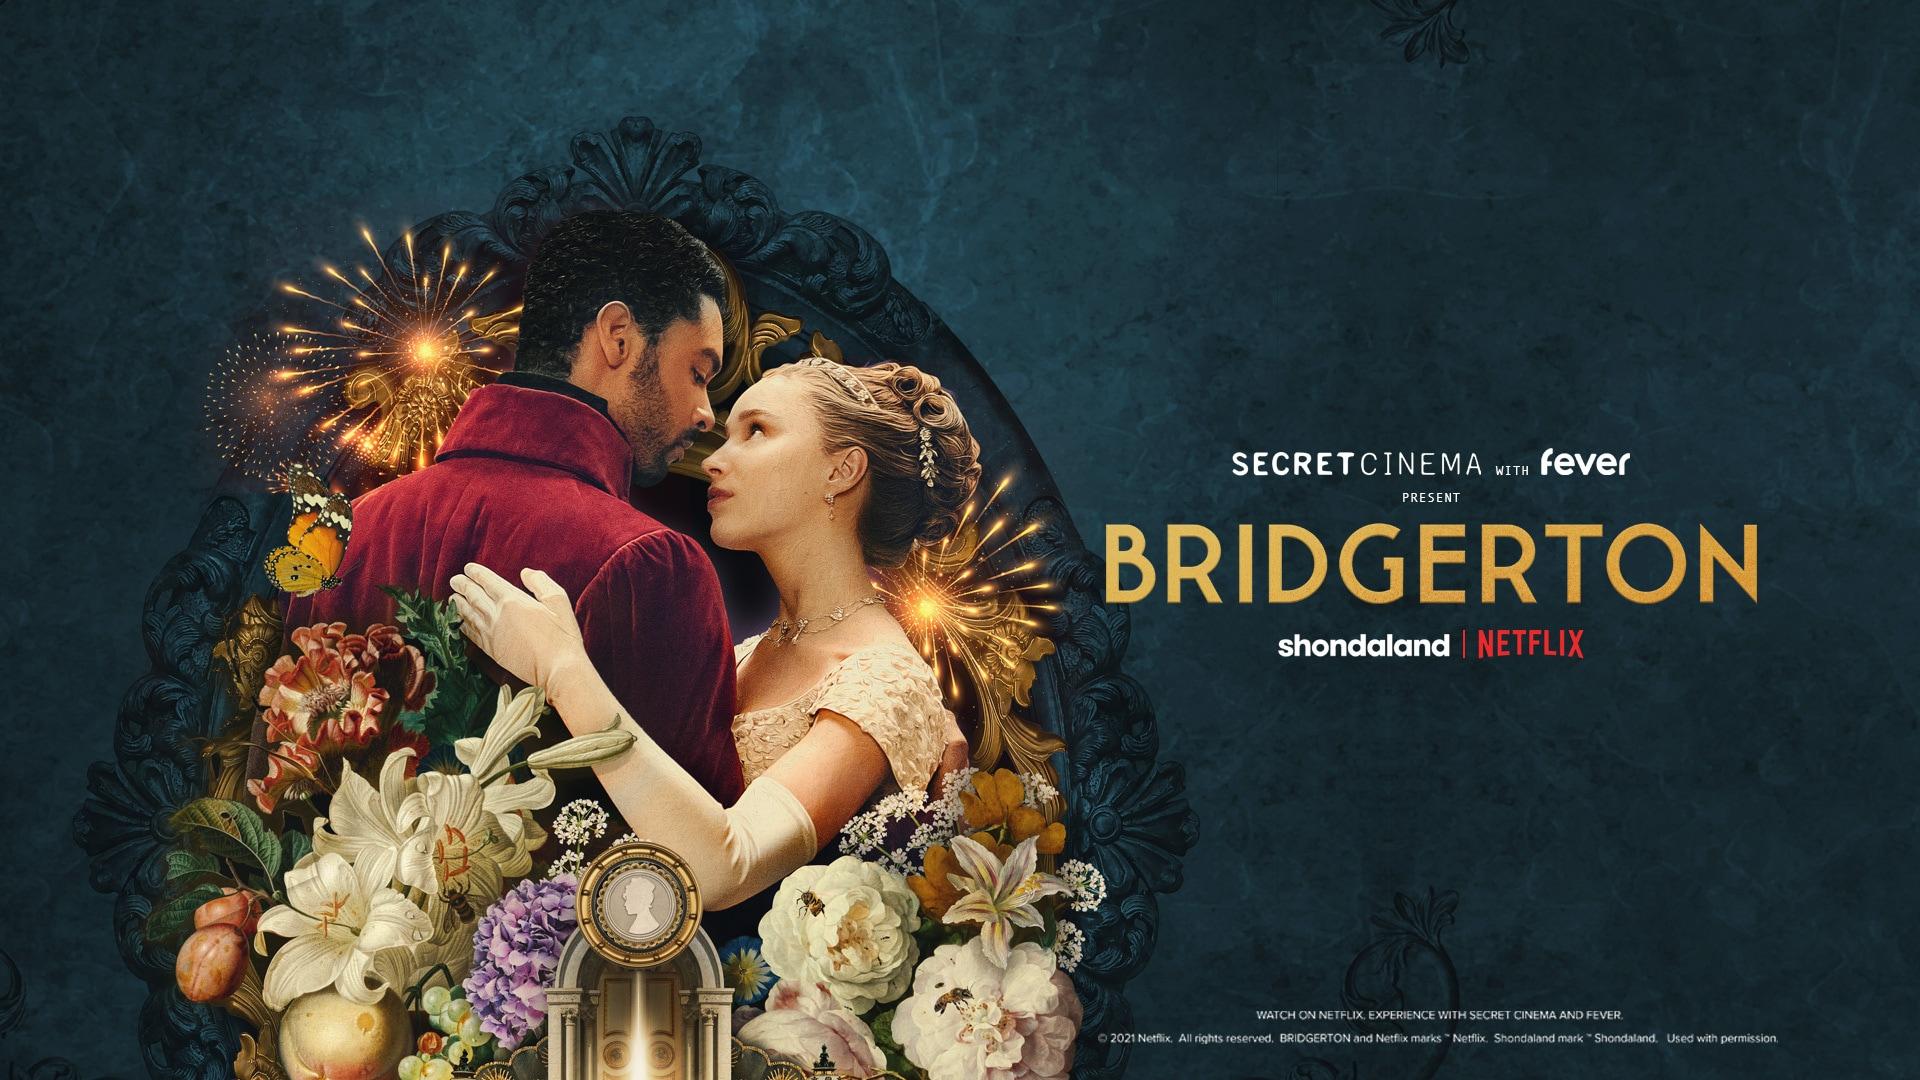 Bridgerton: The Ball Of The Season